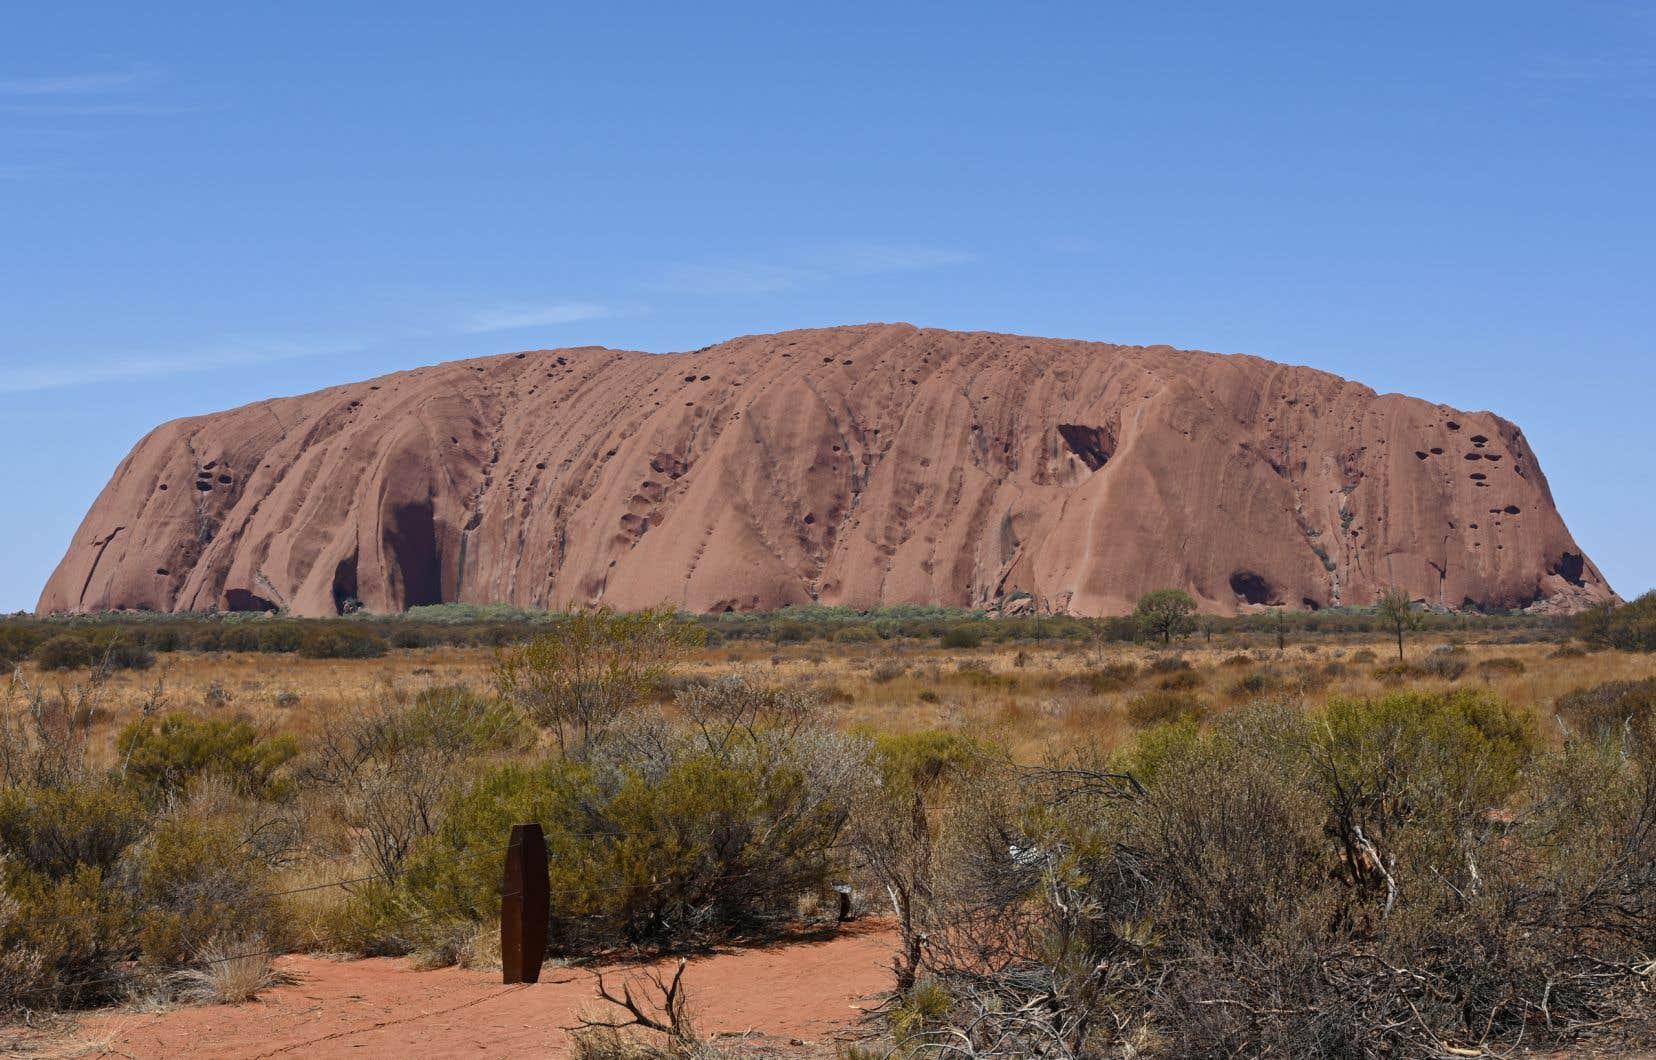 Le parc national Uluru est reconnu pour sa formation rocheuse du même nom, aussi appelée Ayers Rock.